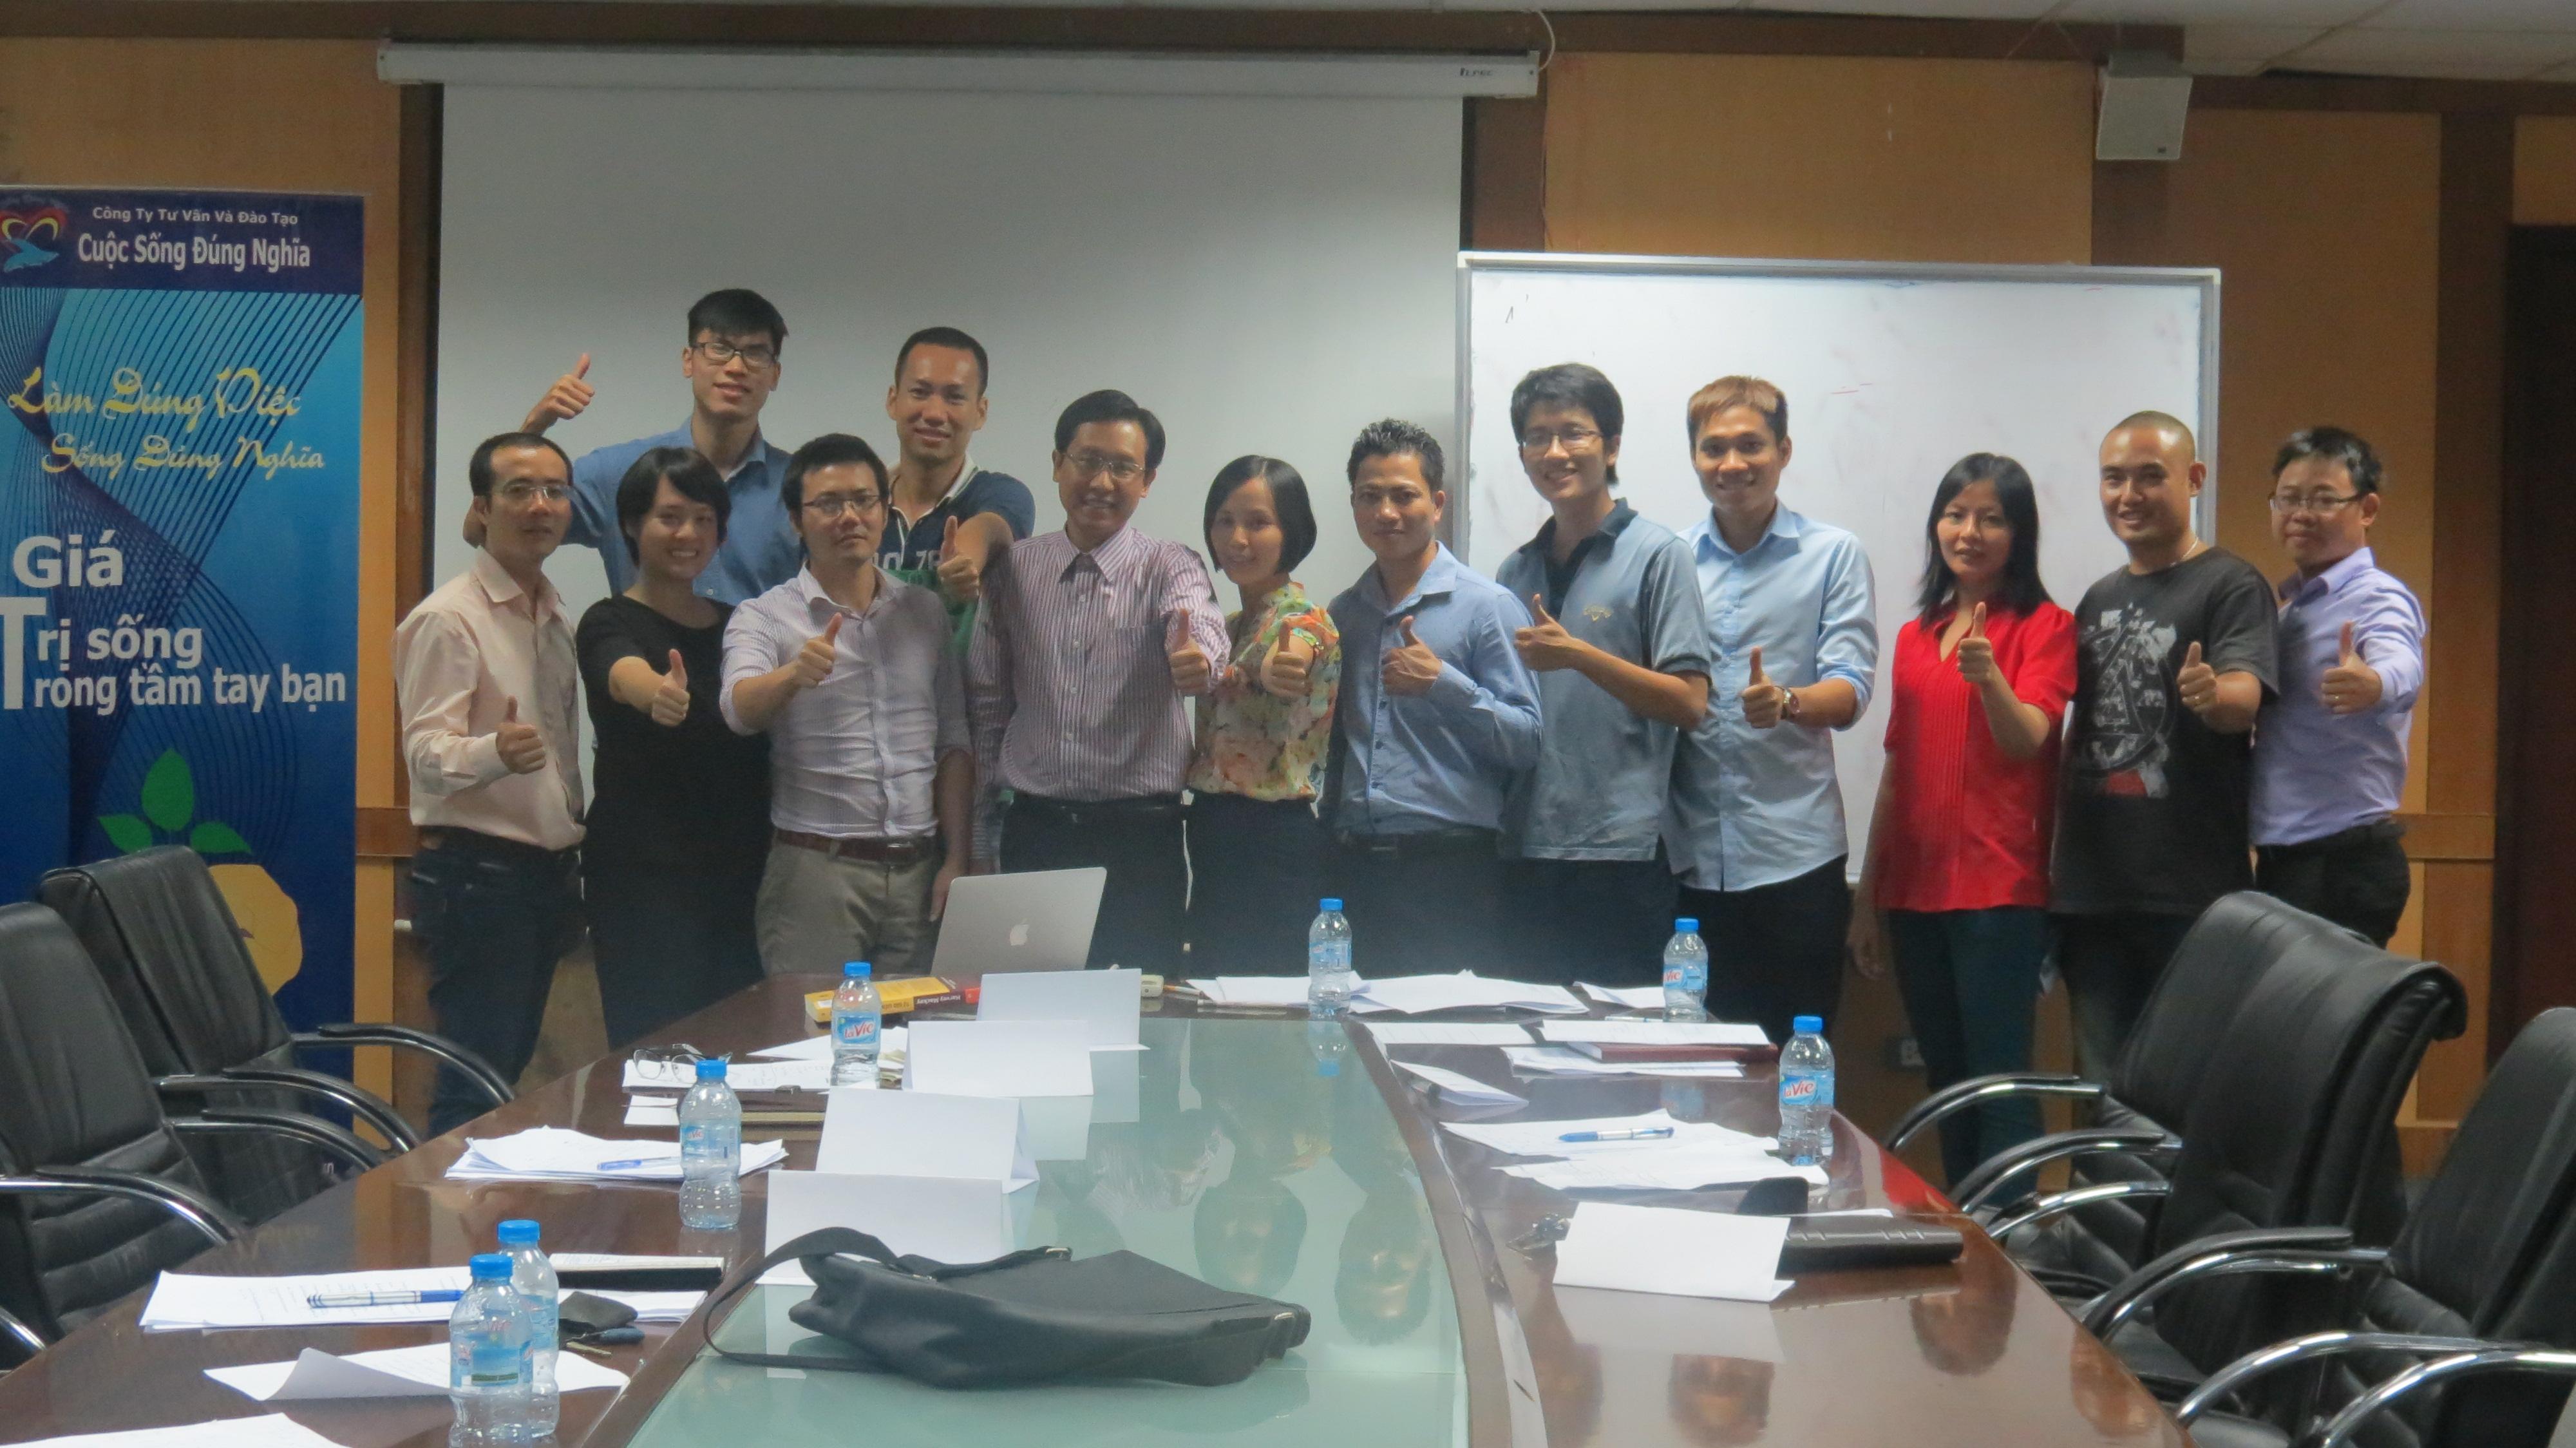 Đào Tạo Public Tại Hà Nội Tháng 09: Kỹ năng giao tiếp và trình bày hiệu quả